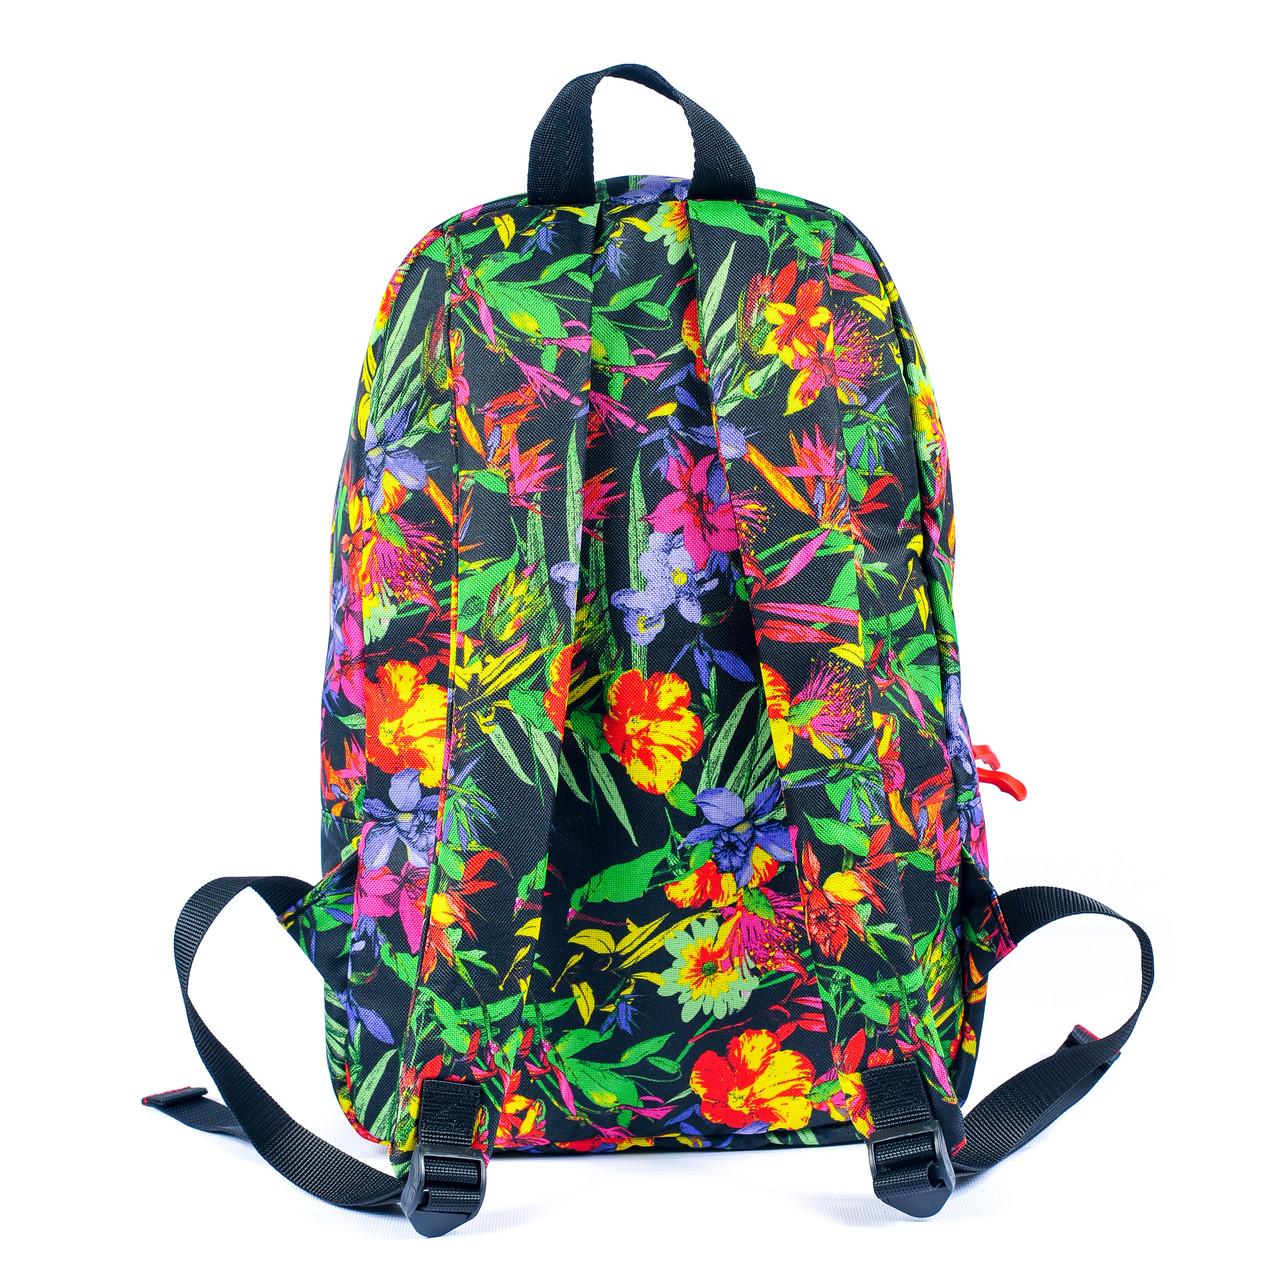 Рюкзак Mayers молодежный с цветочным принтом, 14 л, фото 2